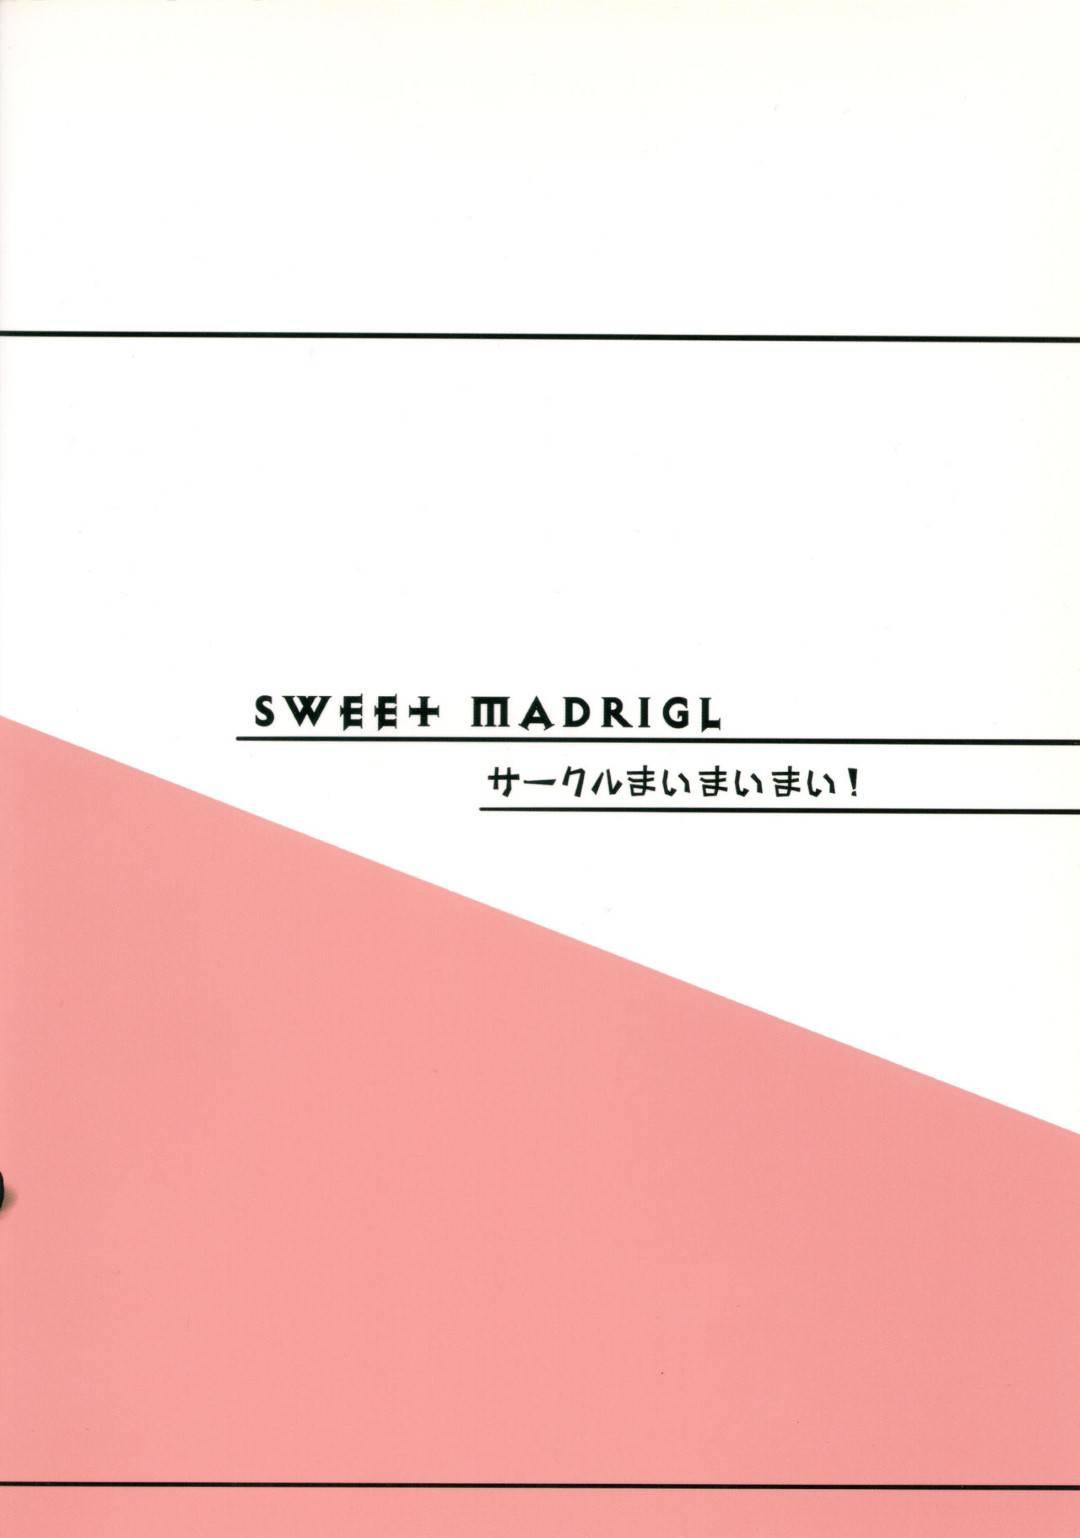 【おねショタエロ漫画】村に伝わる成人式に参加させられるショタは、お姉さんと初セックスし童貞卒業する【ひげなむち】